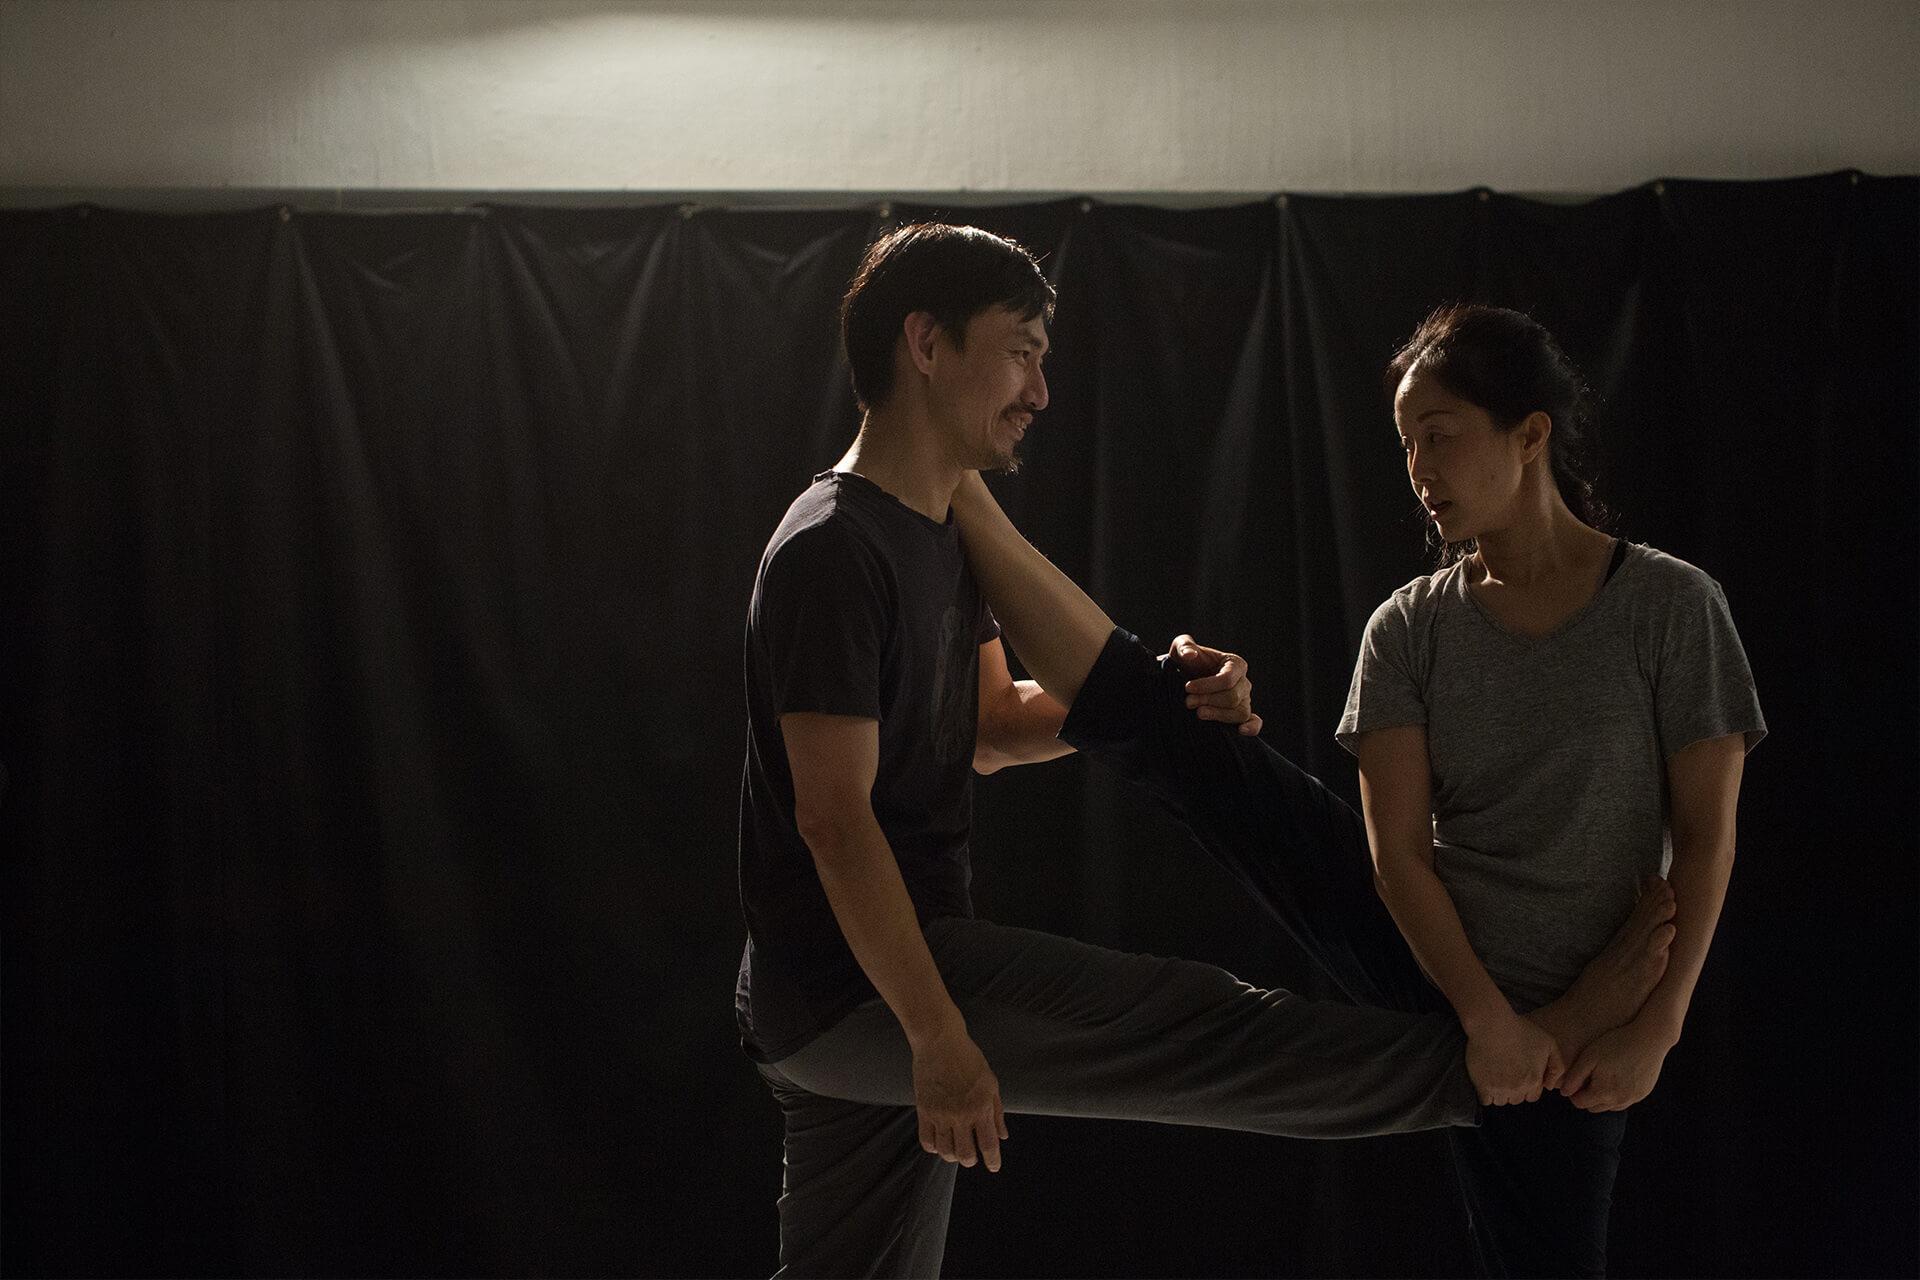 王榮祿與周金毅相識三十年,相隔十九年後,終於再次在舞台上共舞。